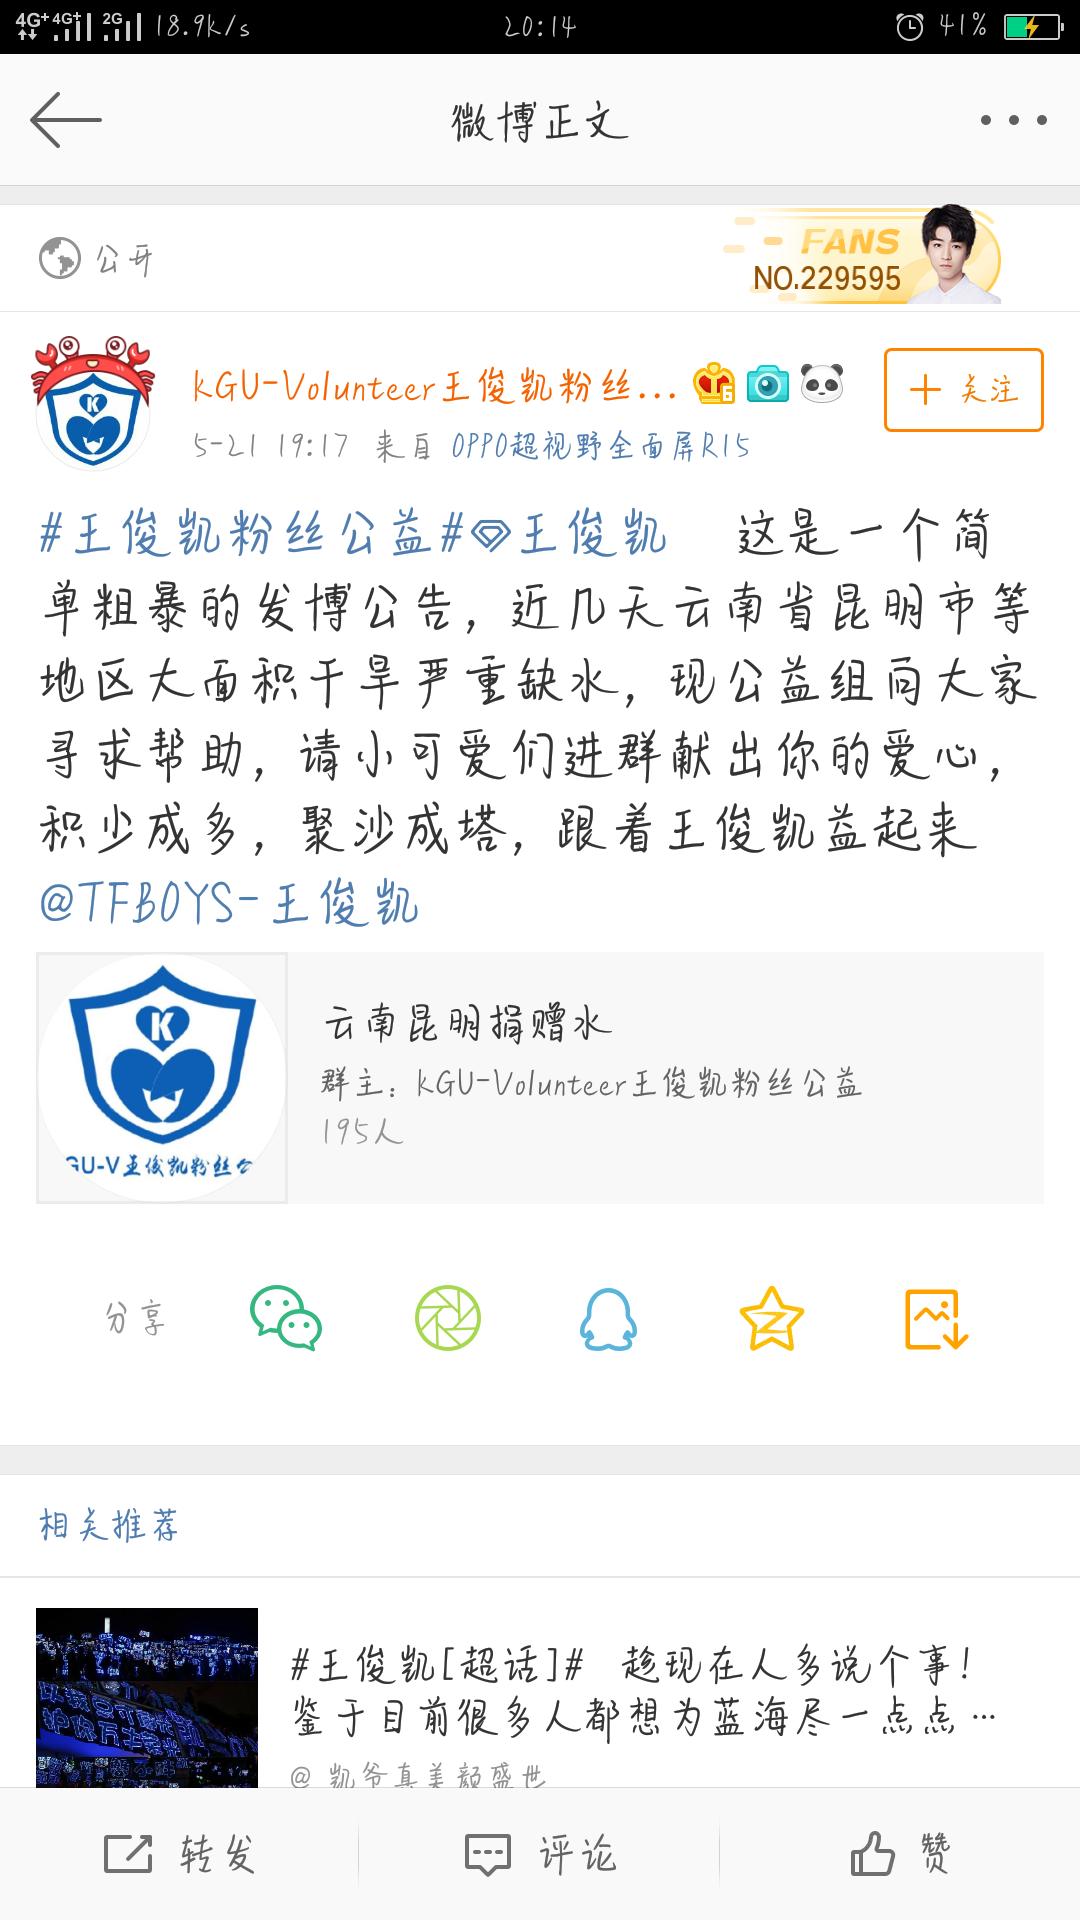 http://www.weixinrensheng.com/baguajing/299512.html